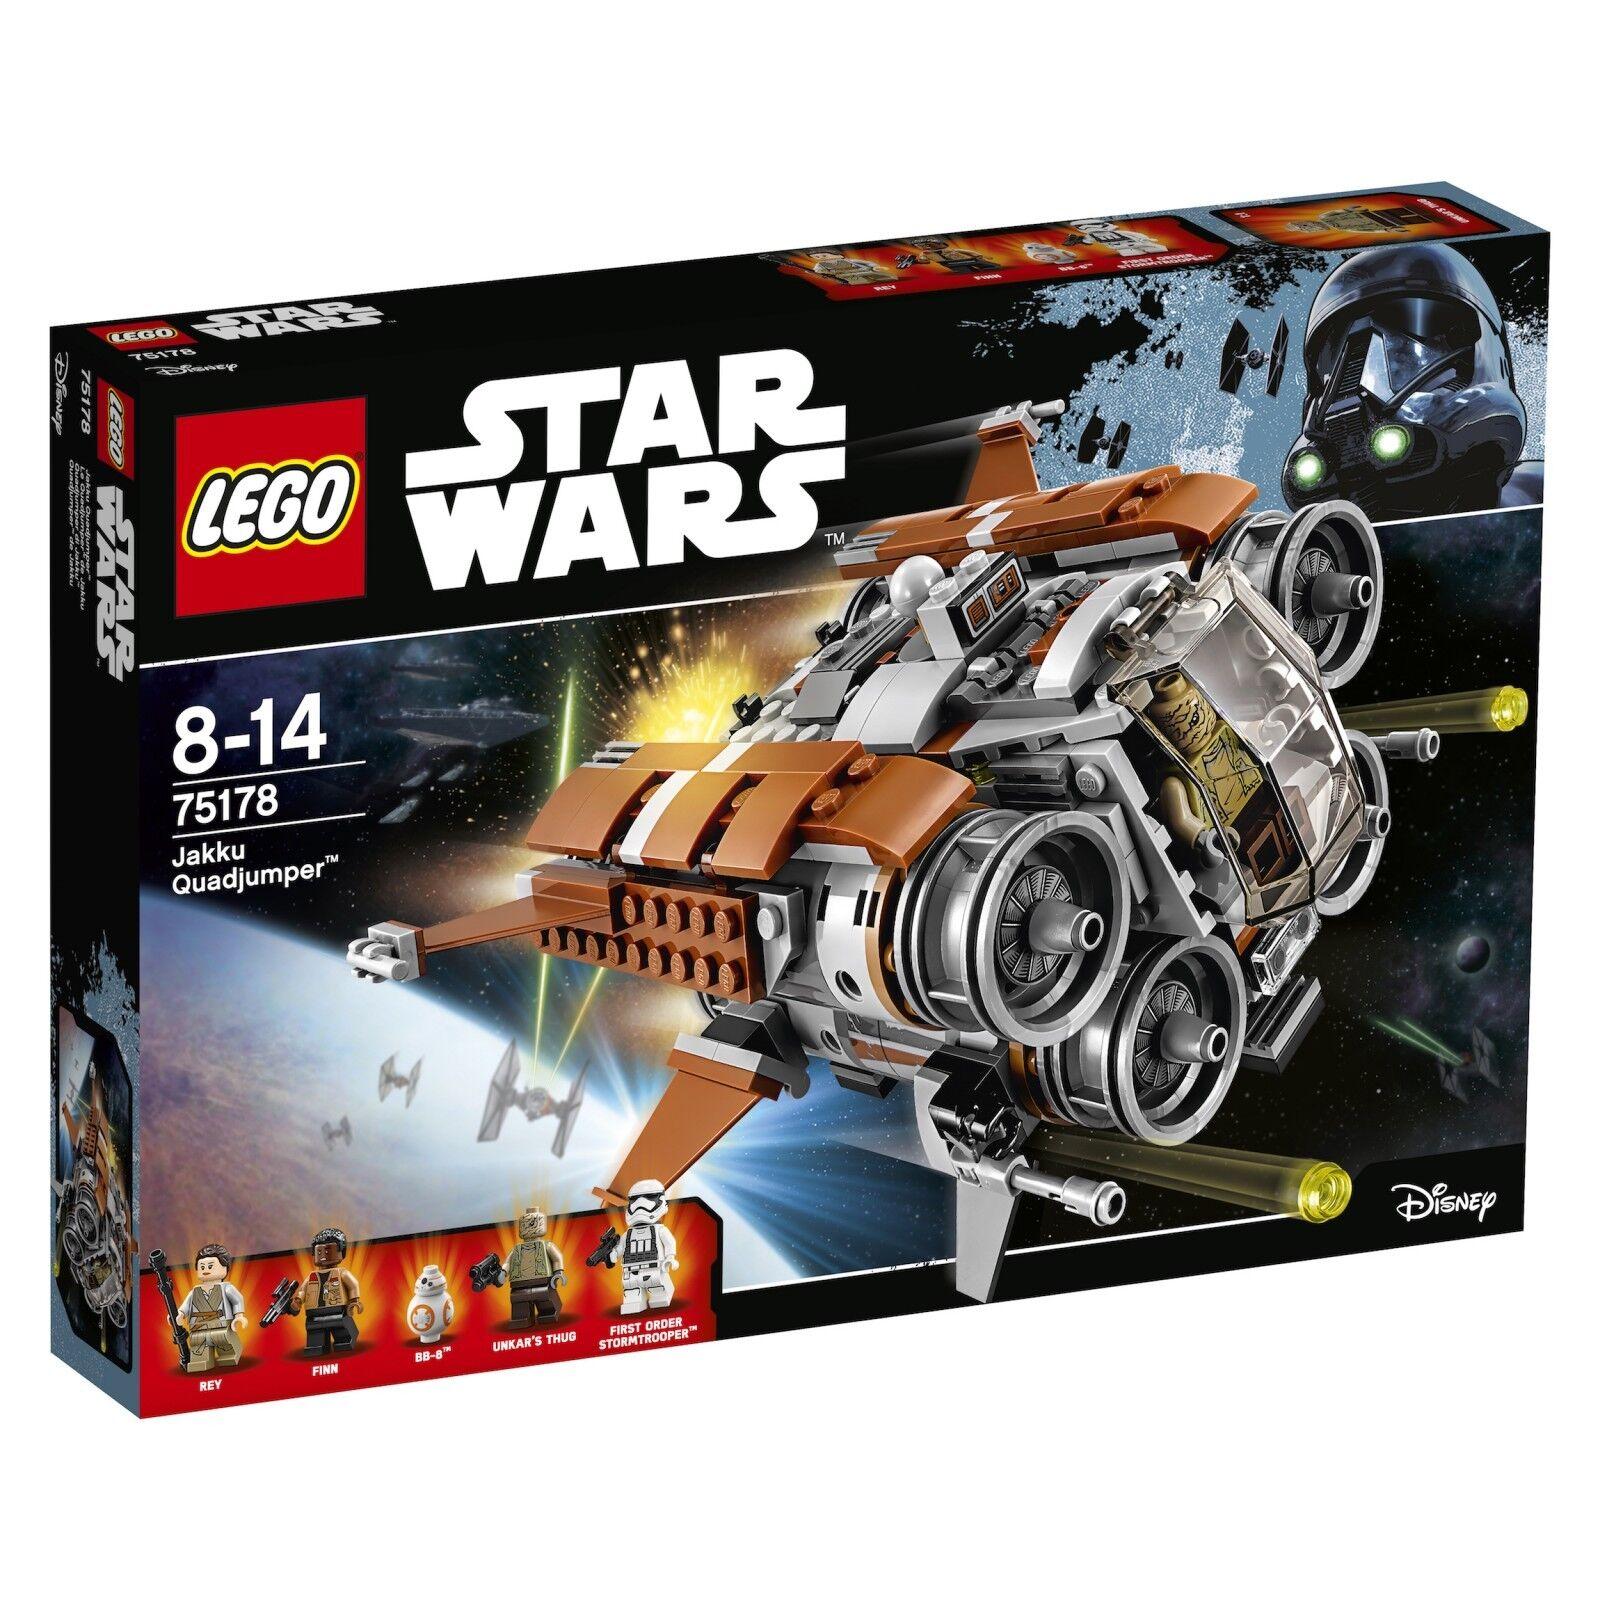 LEGO ® Star Wars ™ 75178 Jakku quadjumper ™ Nouveau neuf dans sa boîte _ NEW En parfait état, dans sa boîte scellée Boîte d'origine jamais ouverte